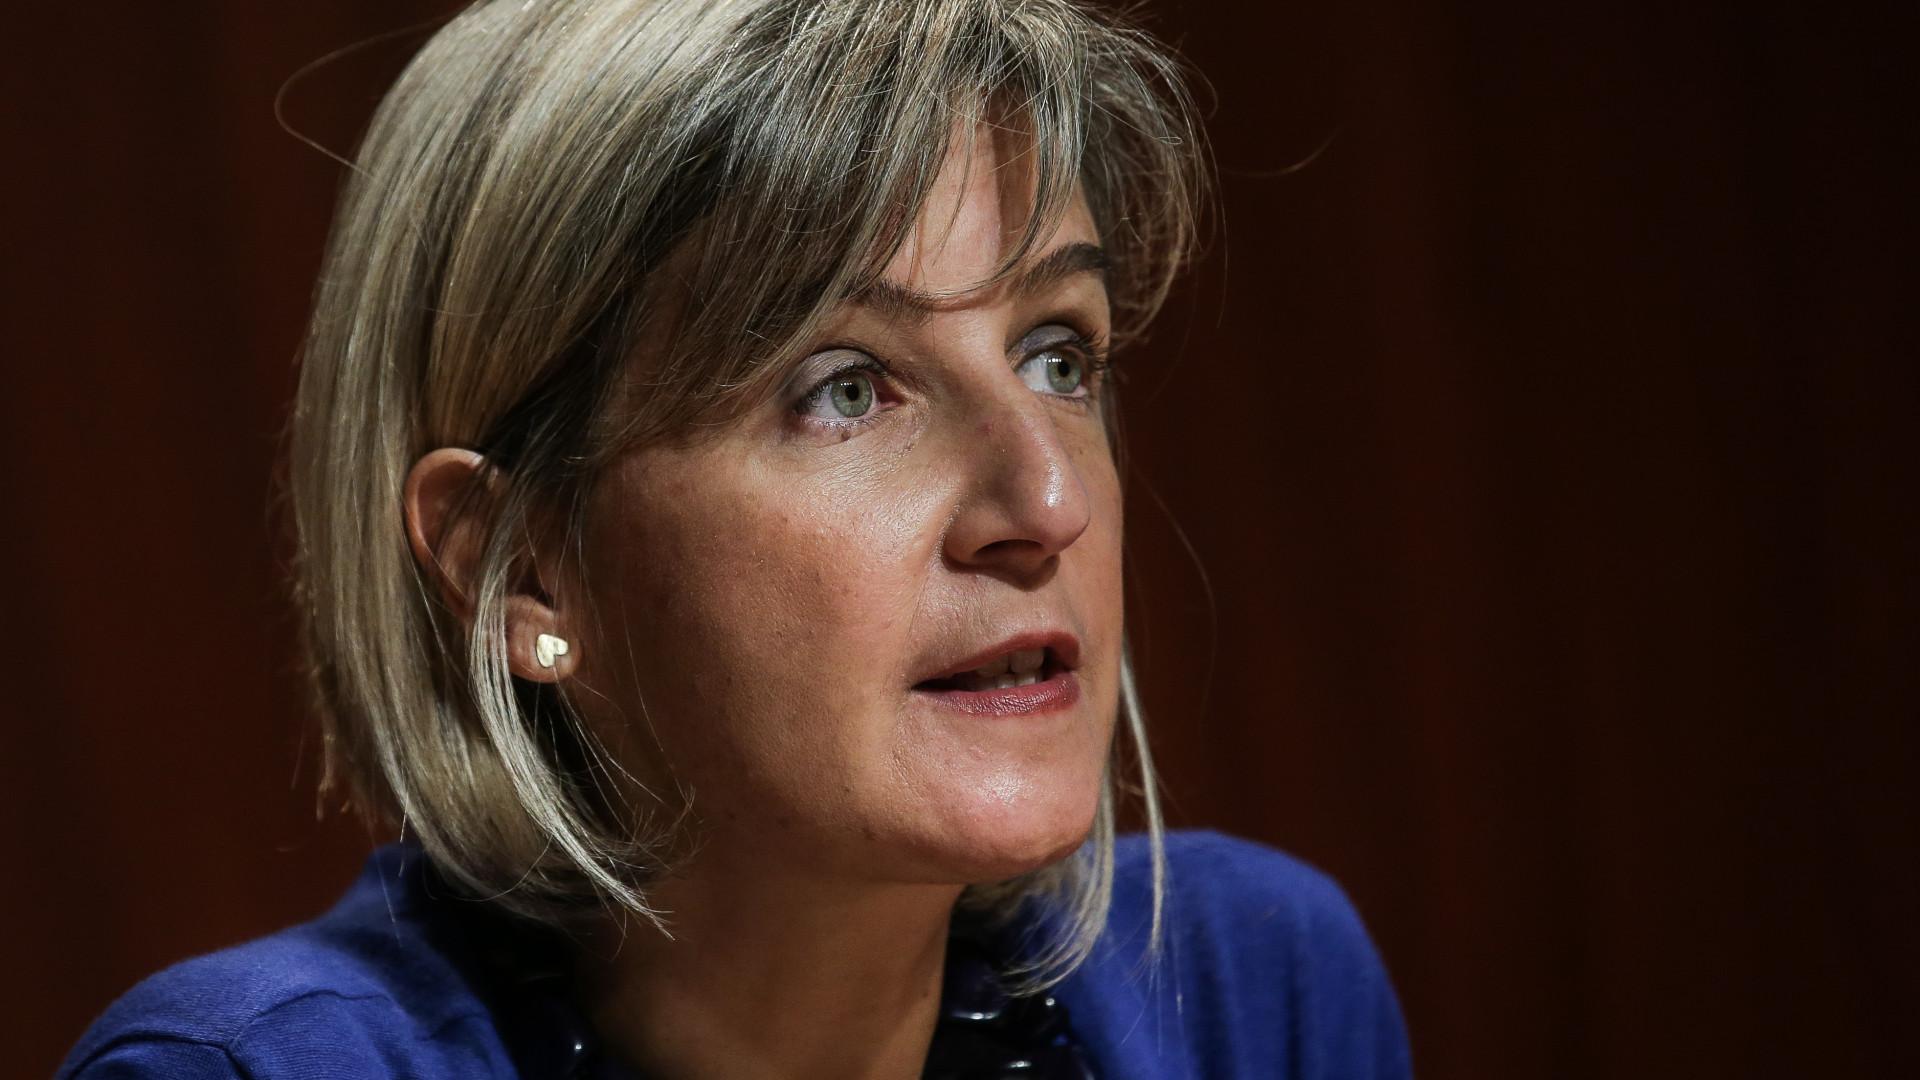 Cirurgias desmarcadas serão reagendadas a partir de janeiro, diz ministra